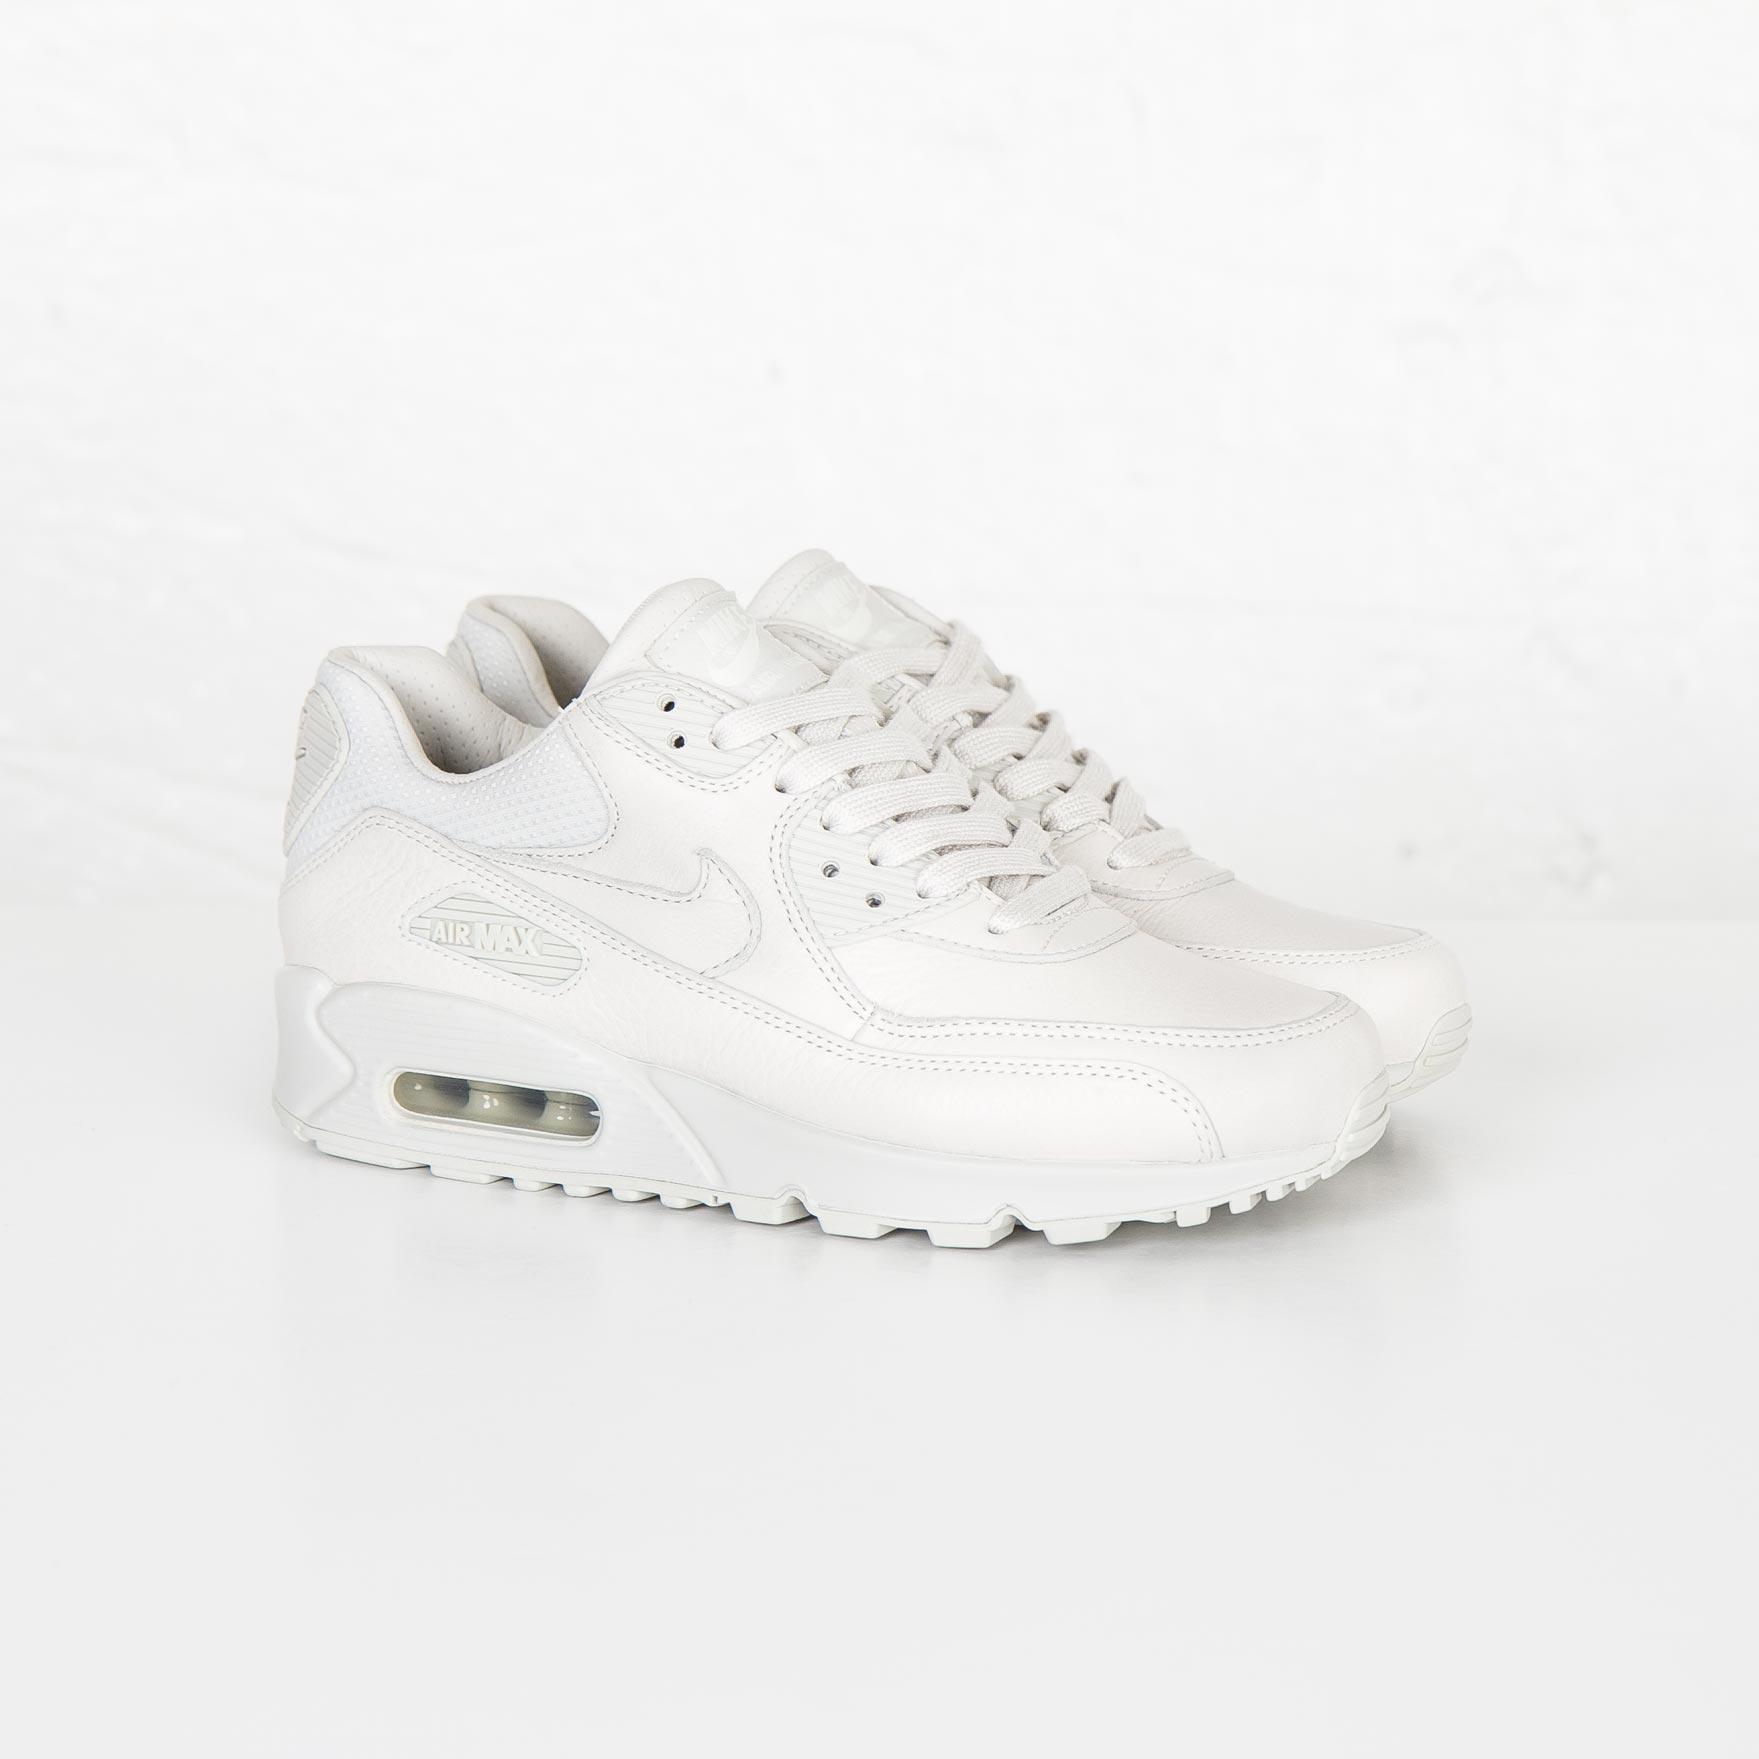 bab6ac287e Nike Wmns Air Max 90 Pinnacle - 839612-001 - Sneakersnstuff ...